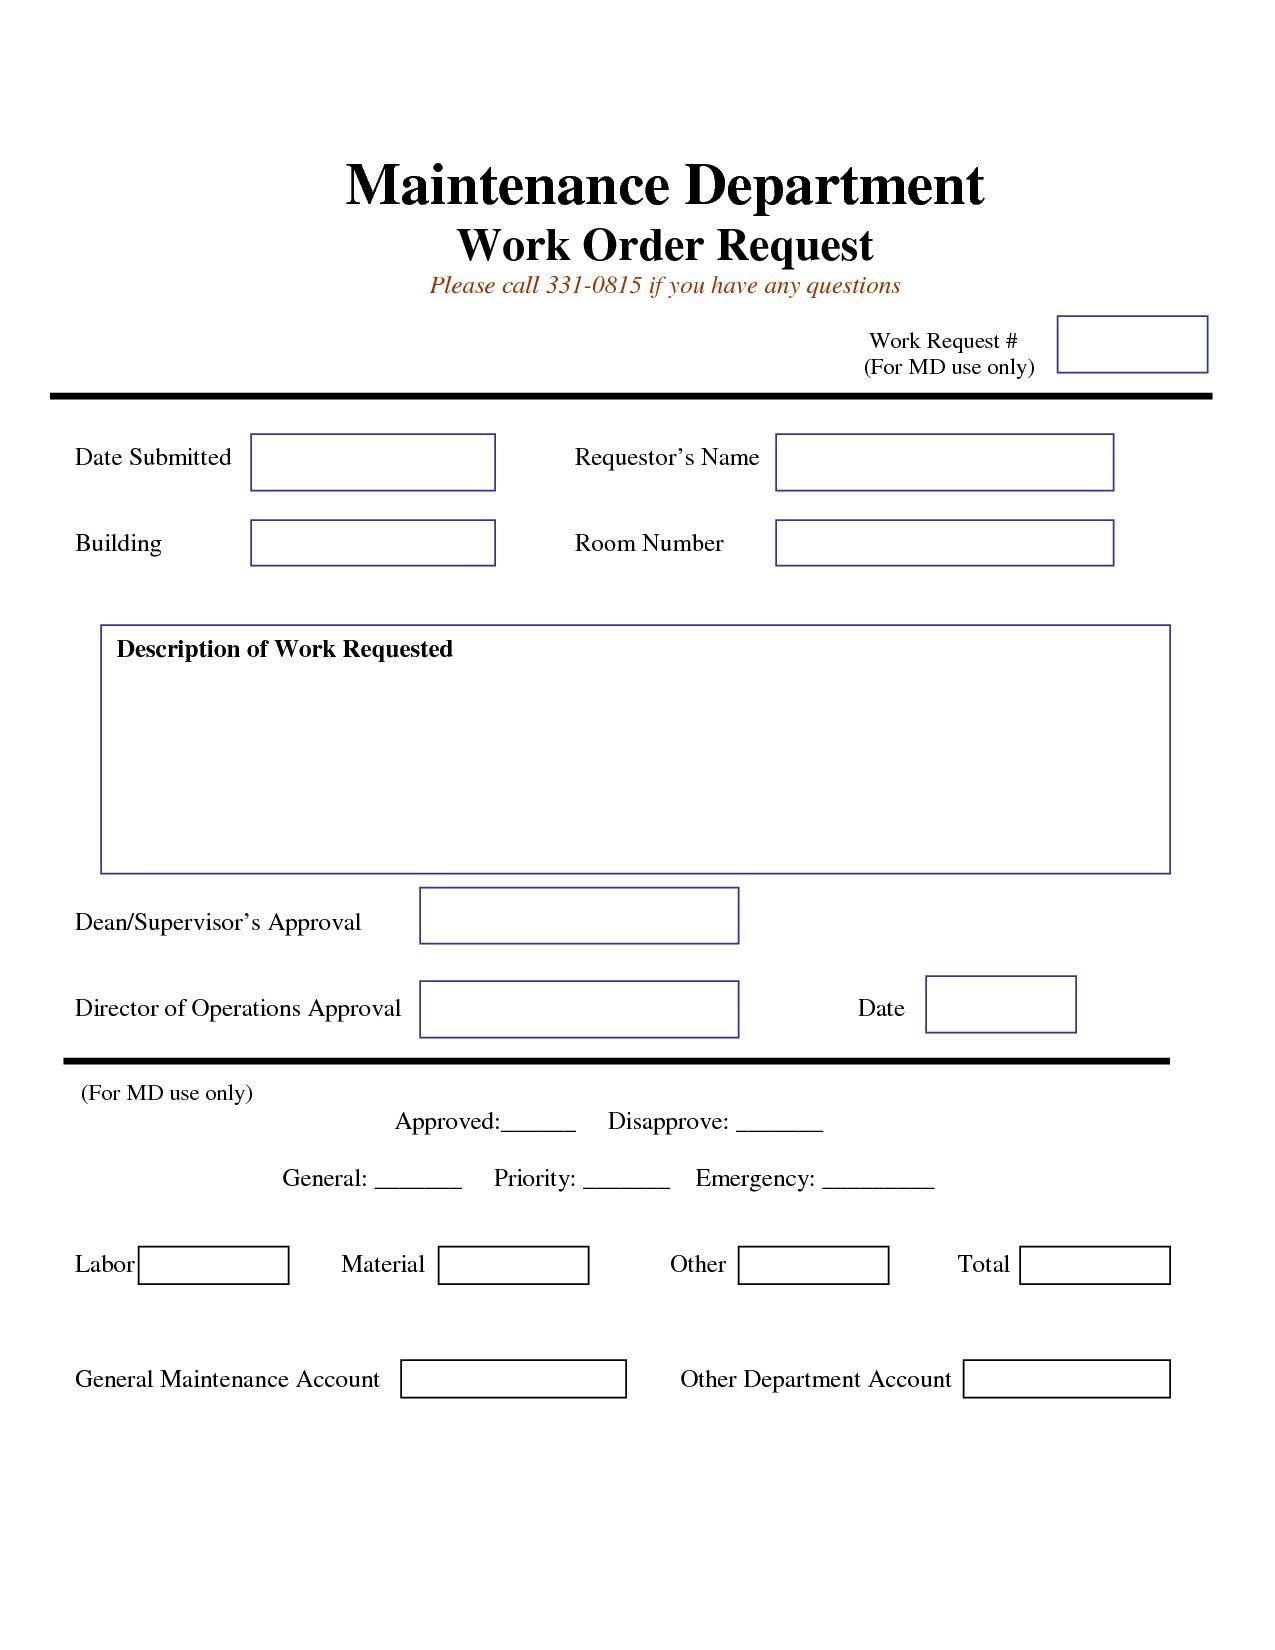 Work Request Form Maintenance Work Order Request Form Inside Maintenance Job Card Template Bes Maintenance Jobs Business Plan Template Computer Maintenance